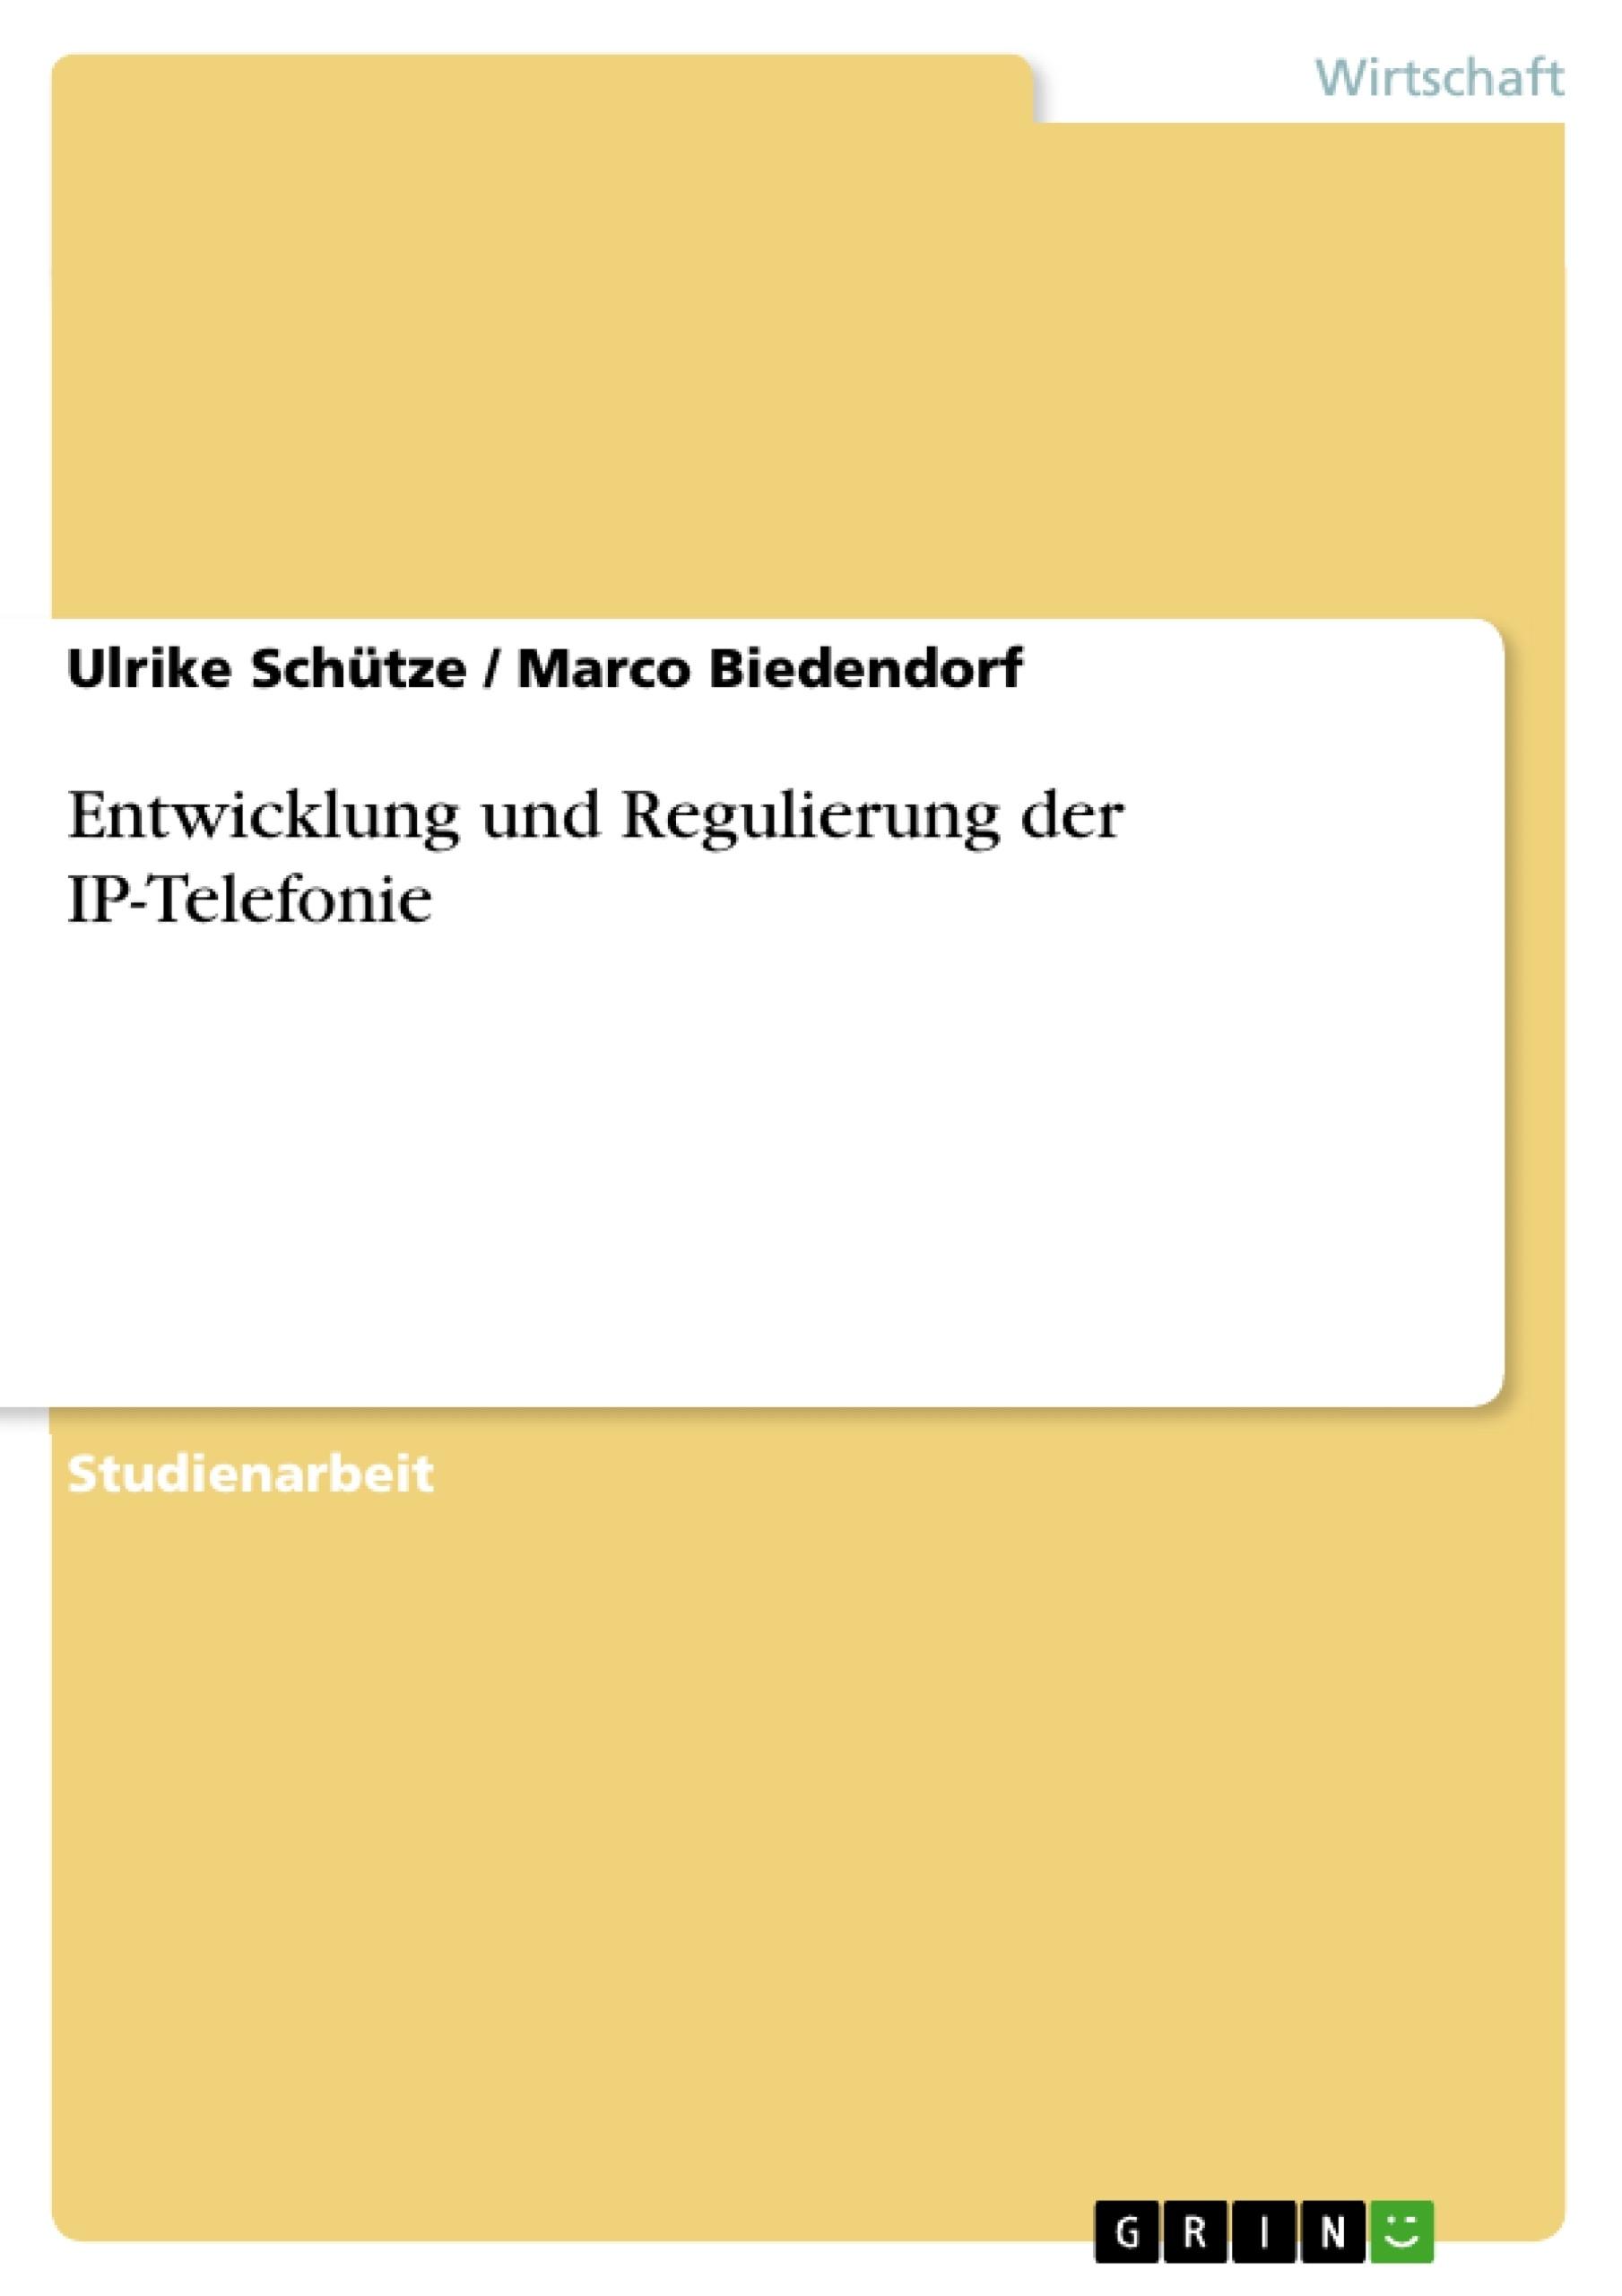 Titel: Entwicklung und Regulierung der IP-Telefonie